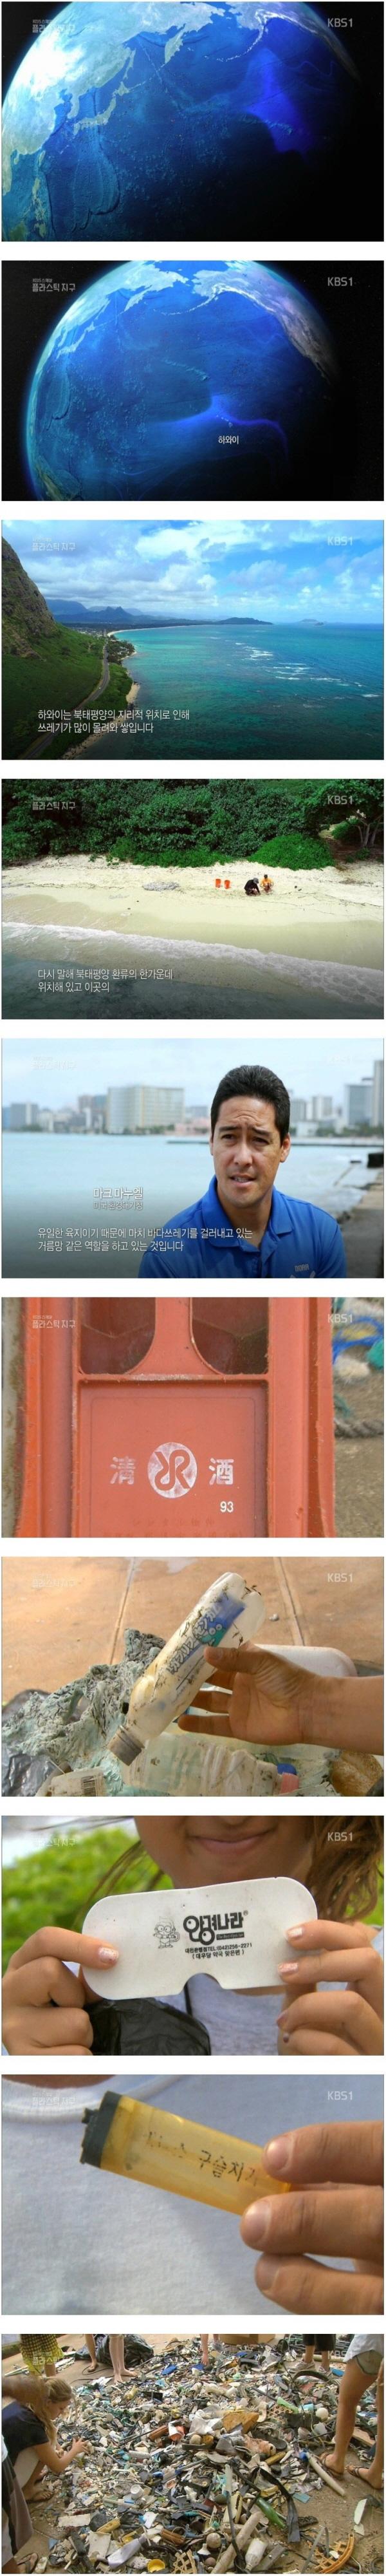 하와이에서 발견된 쓰레기.jpg